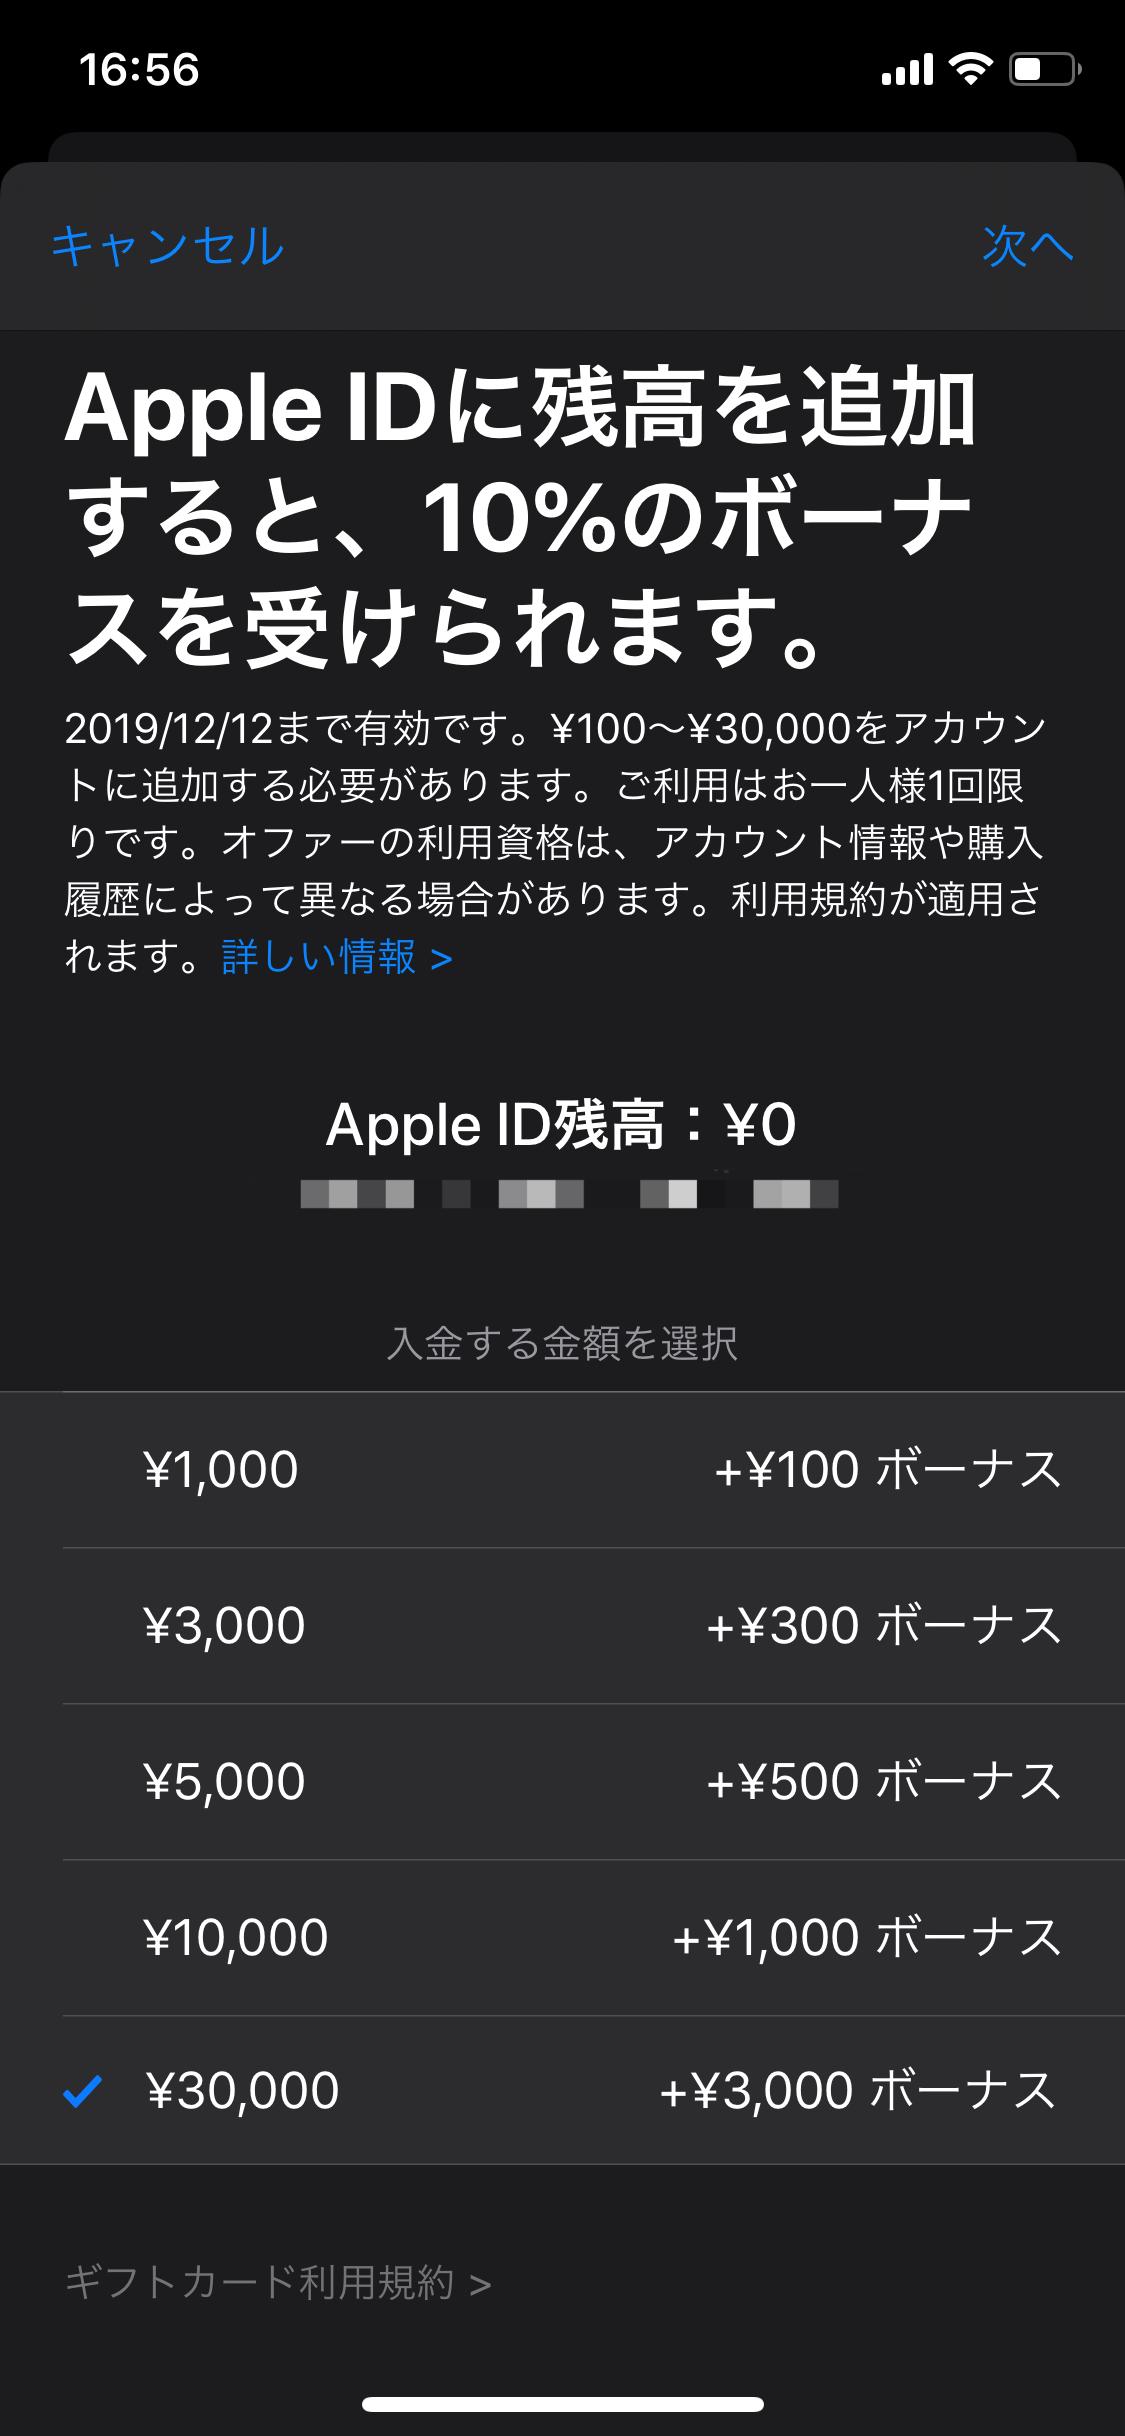 apple ID | 10%bonus